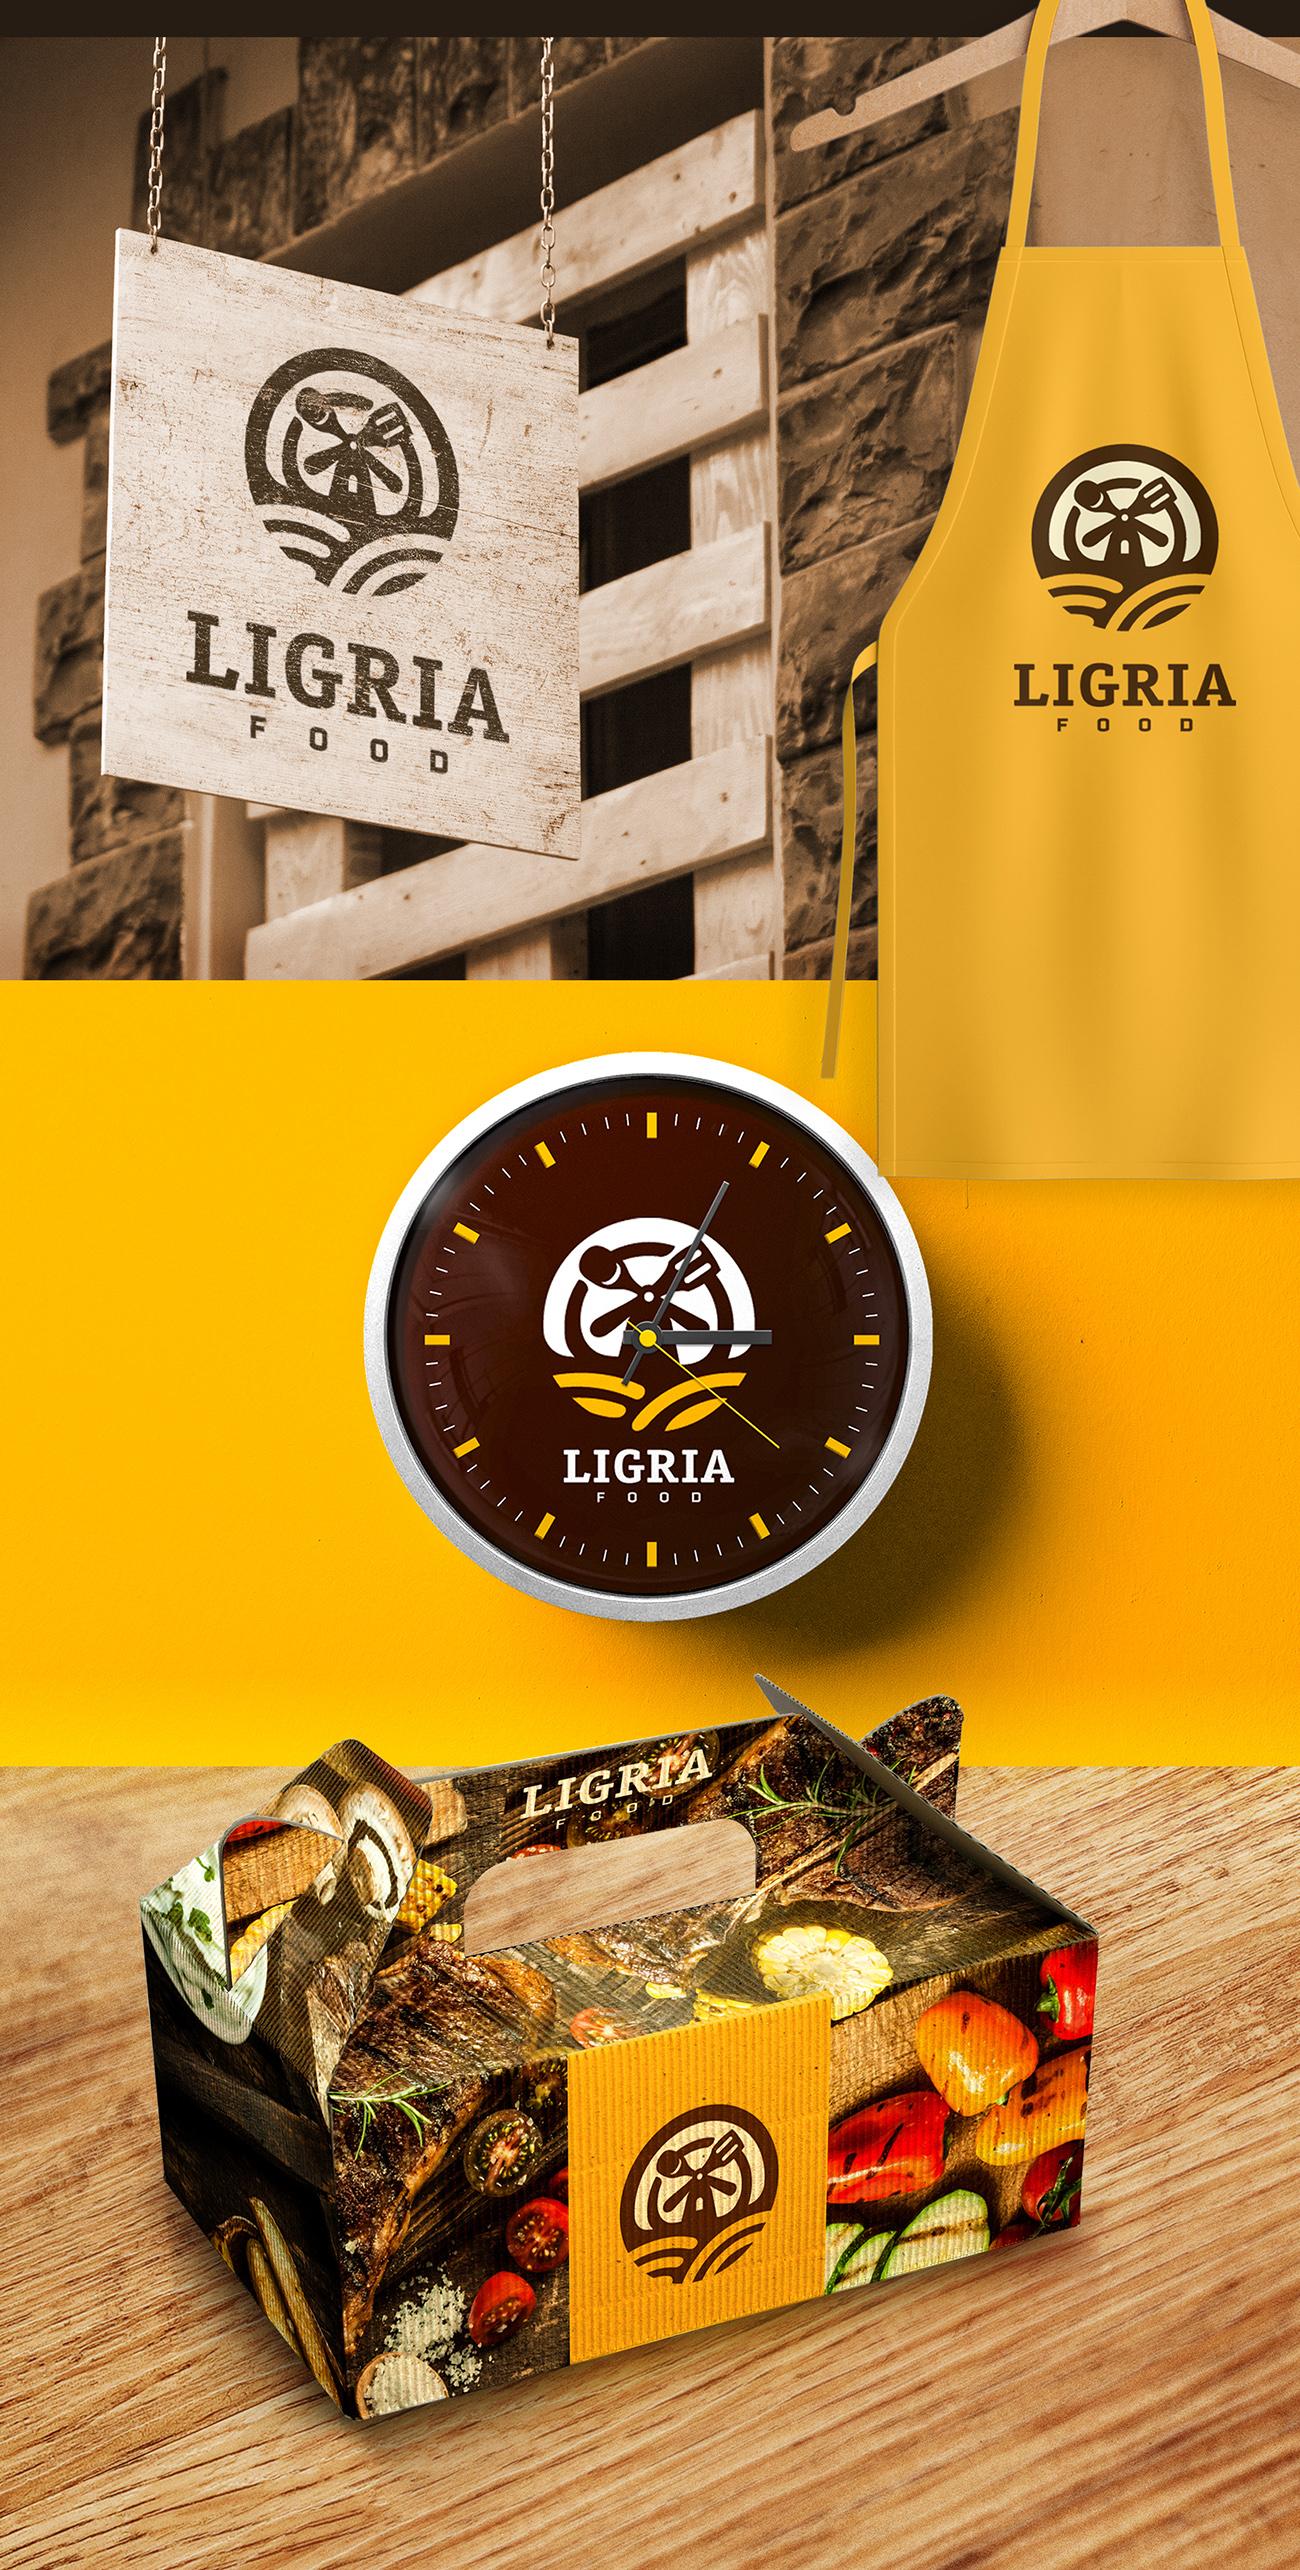 LIGRIA FOOD